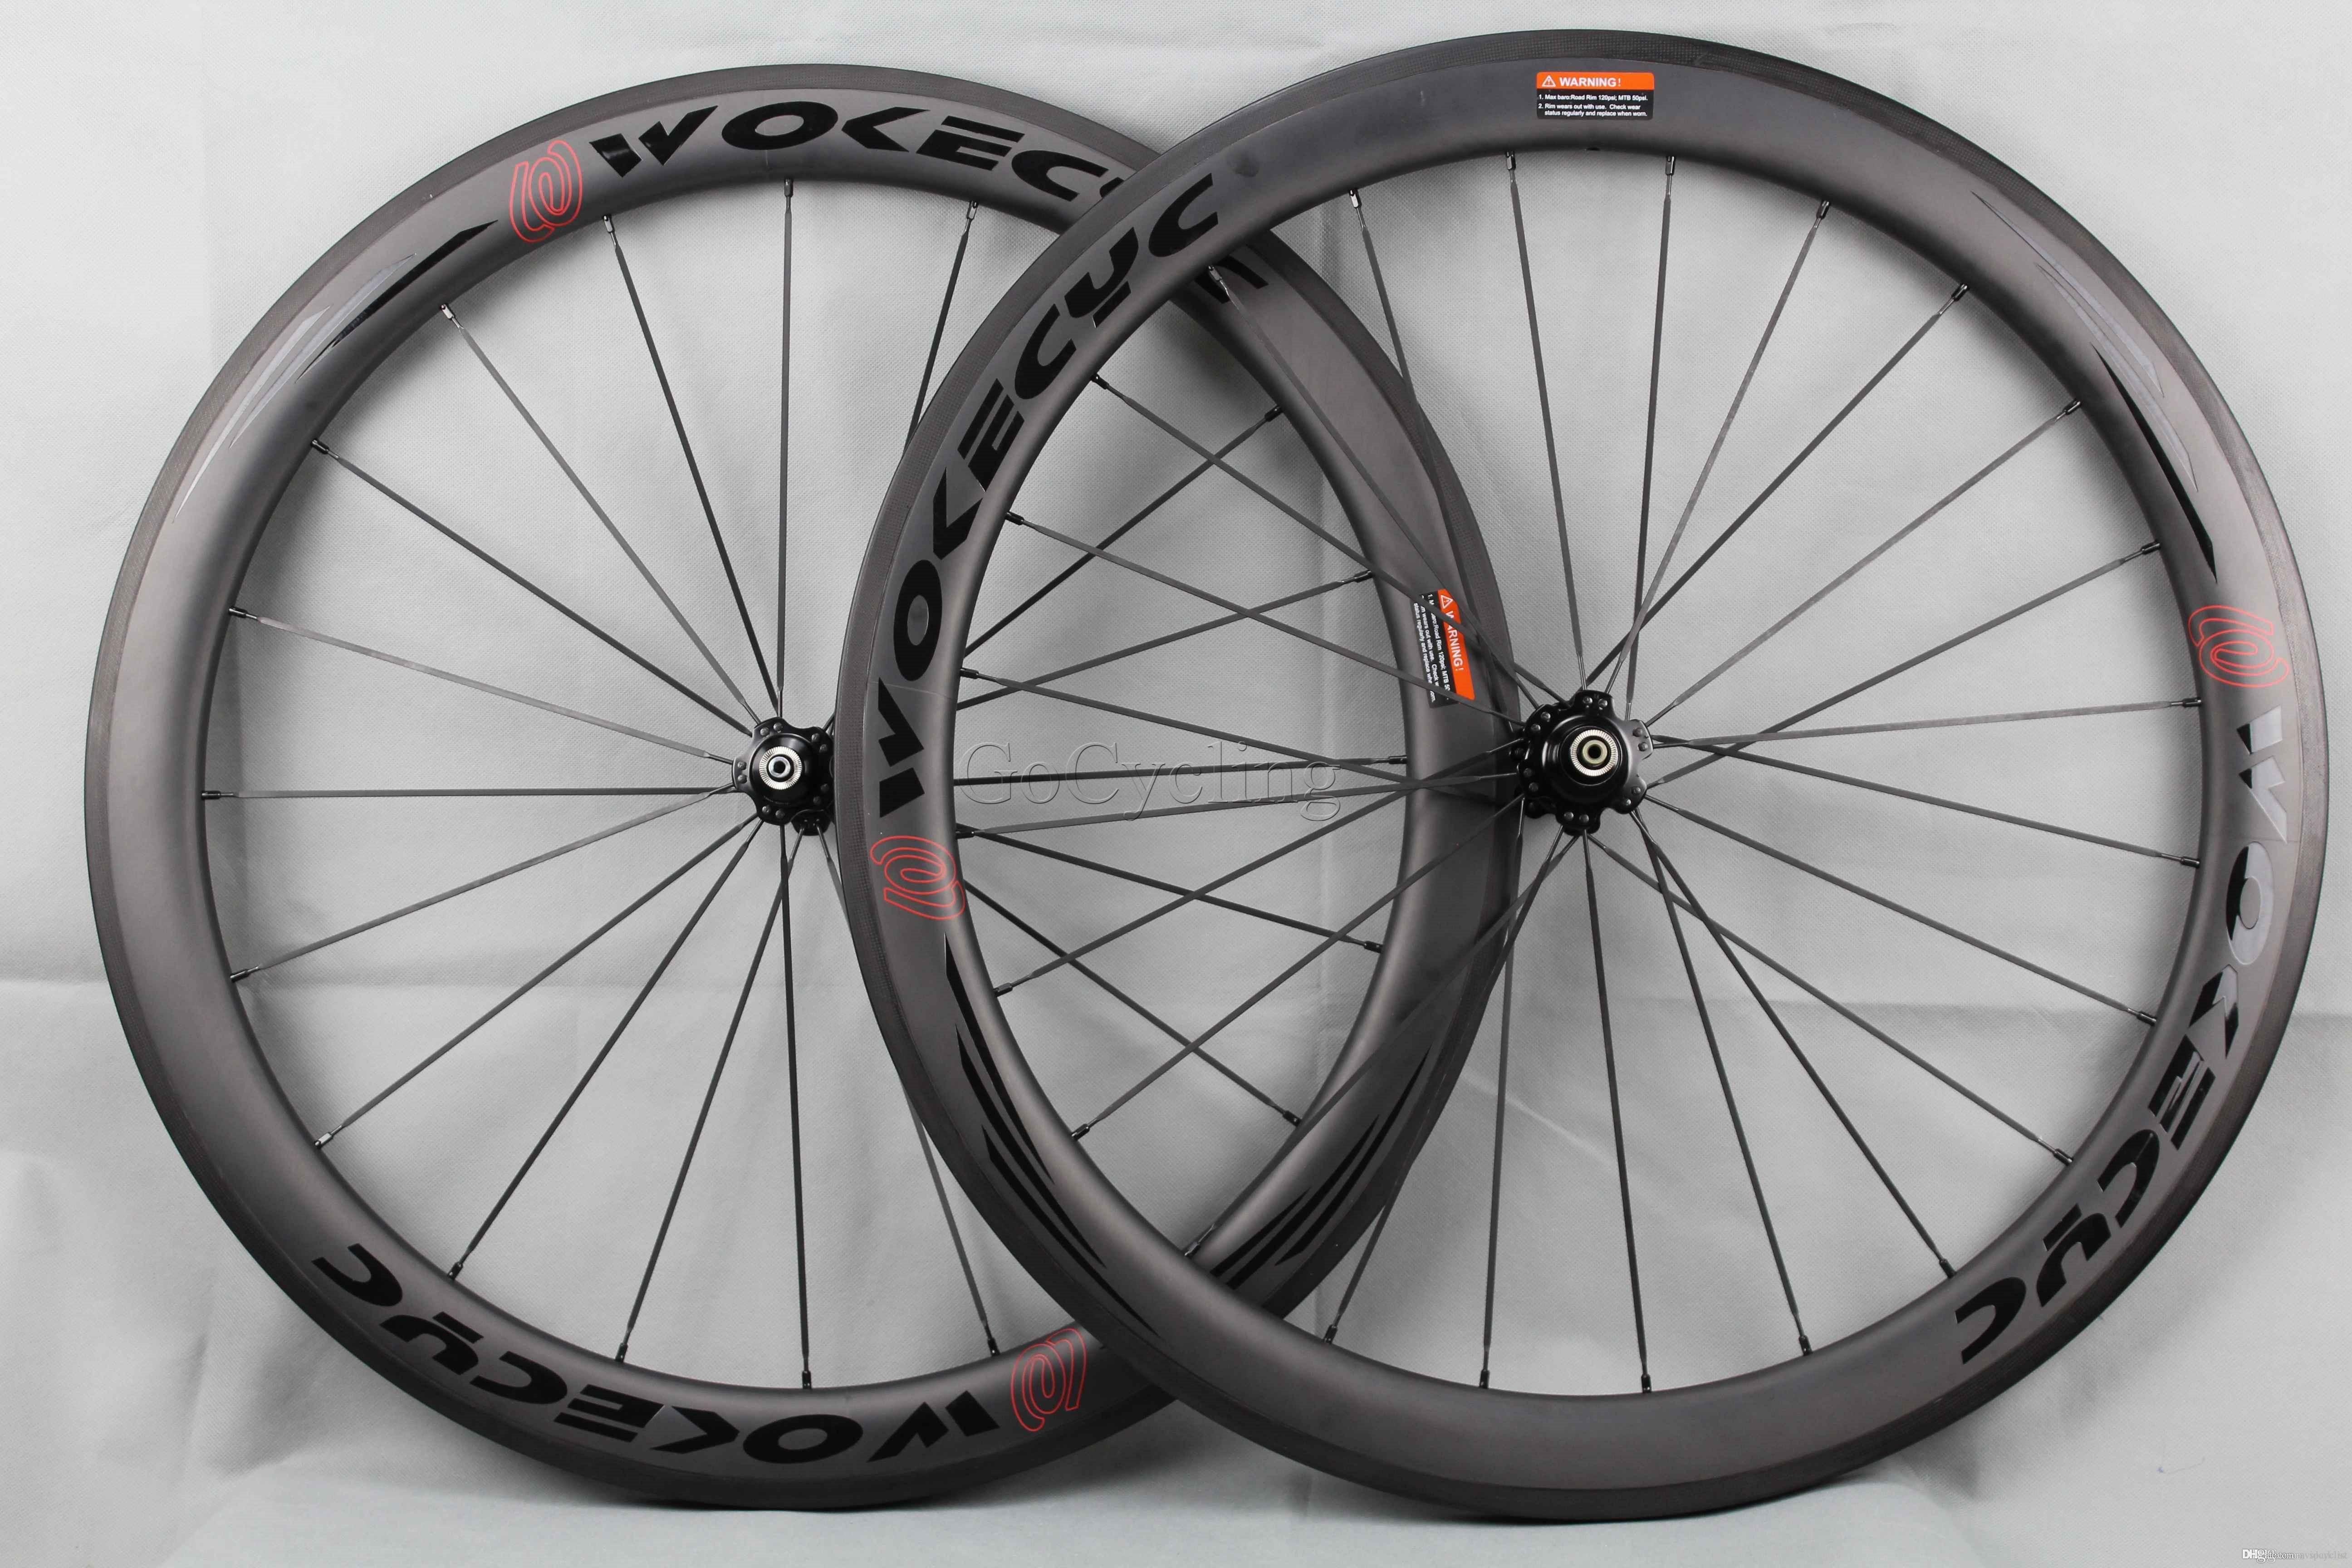 탄소 섬유 도로 자전거 바퀴 50mm clincher 관형 경주 자전거 바퀴 700c 탄소 자전거 바퀴 세트 BOB 현무암 브레이크 표면 폭 25mm